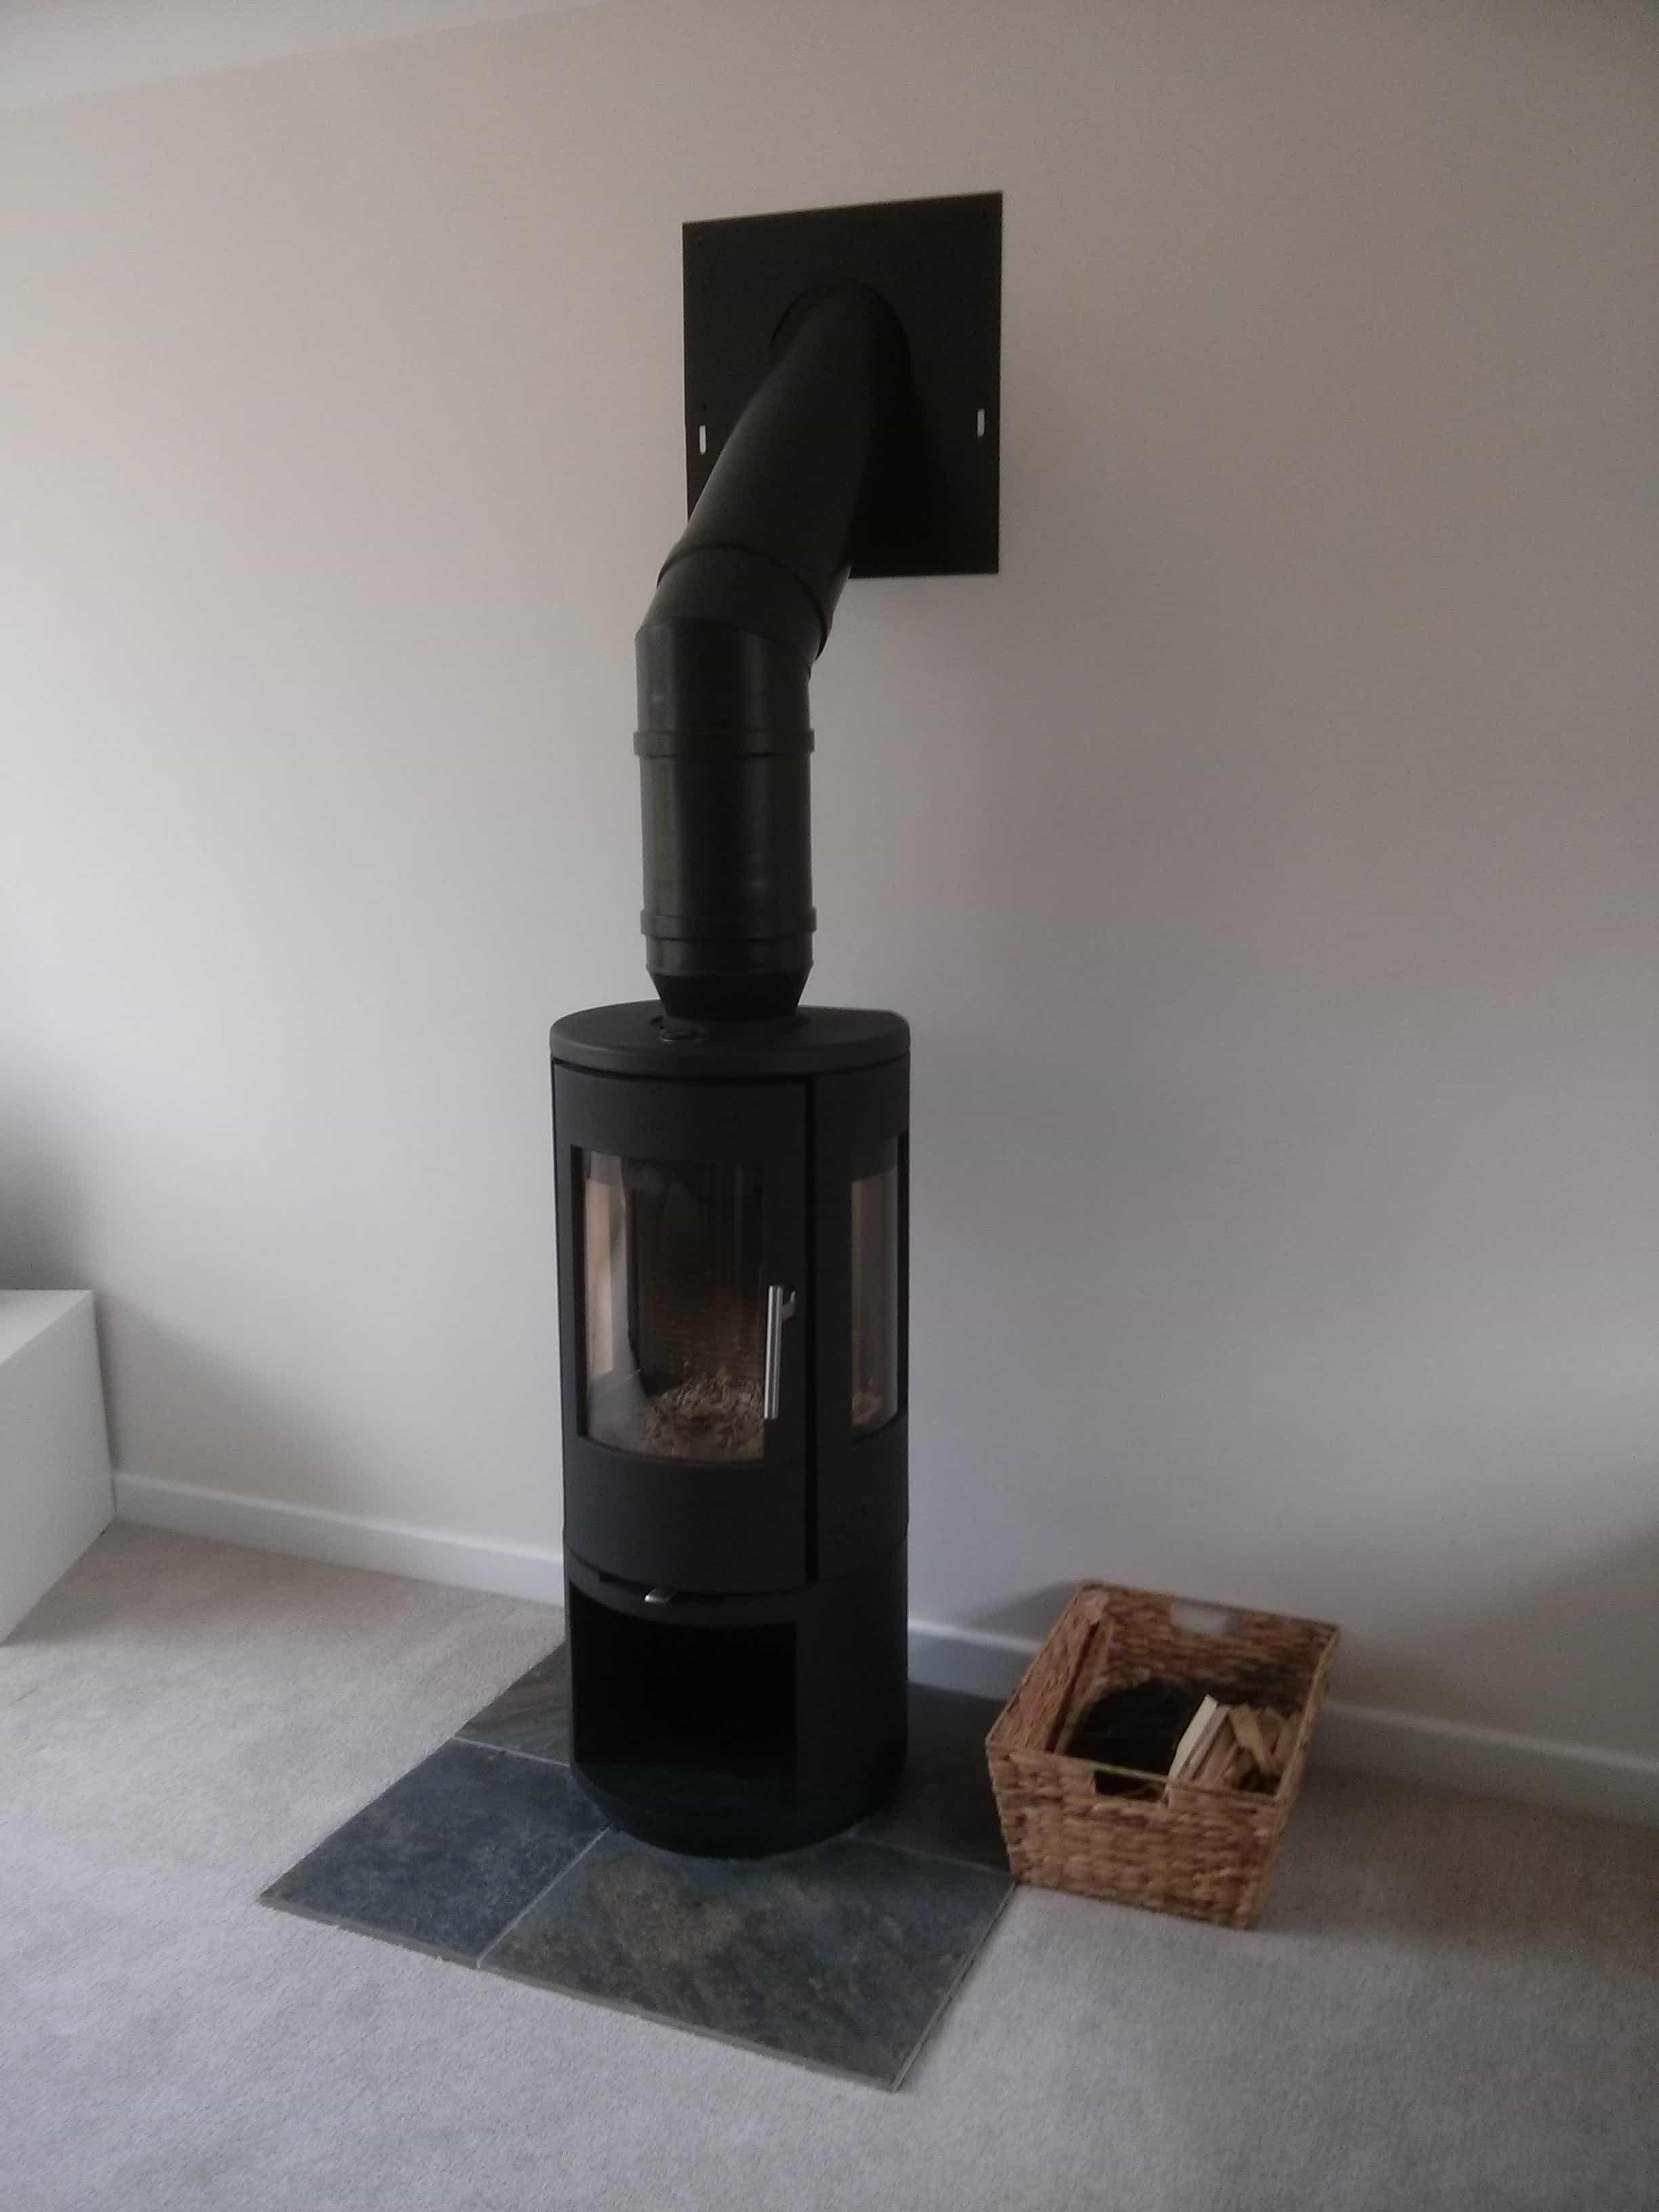 cambridge stoves wood burning stoves cambridge